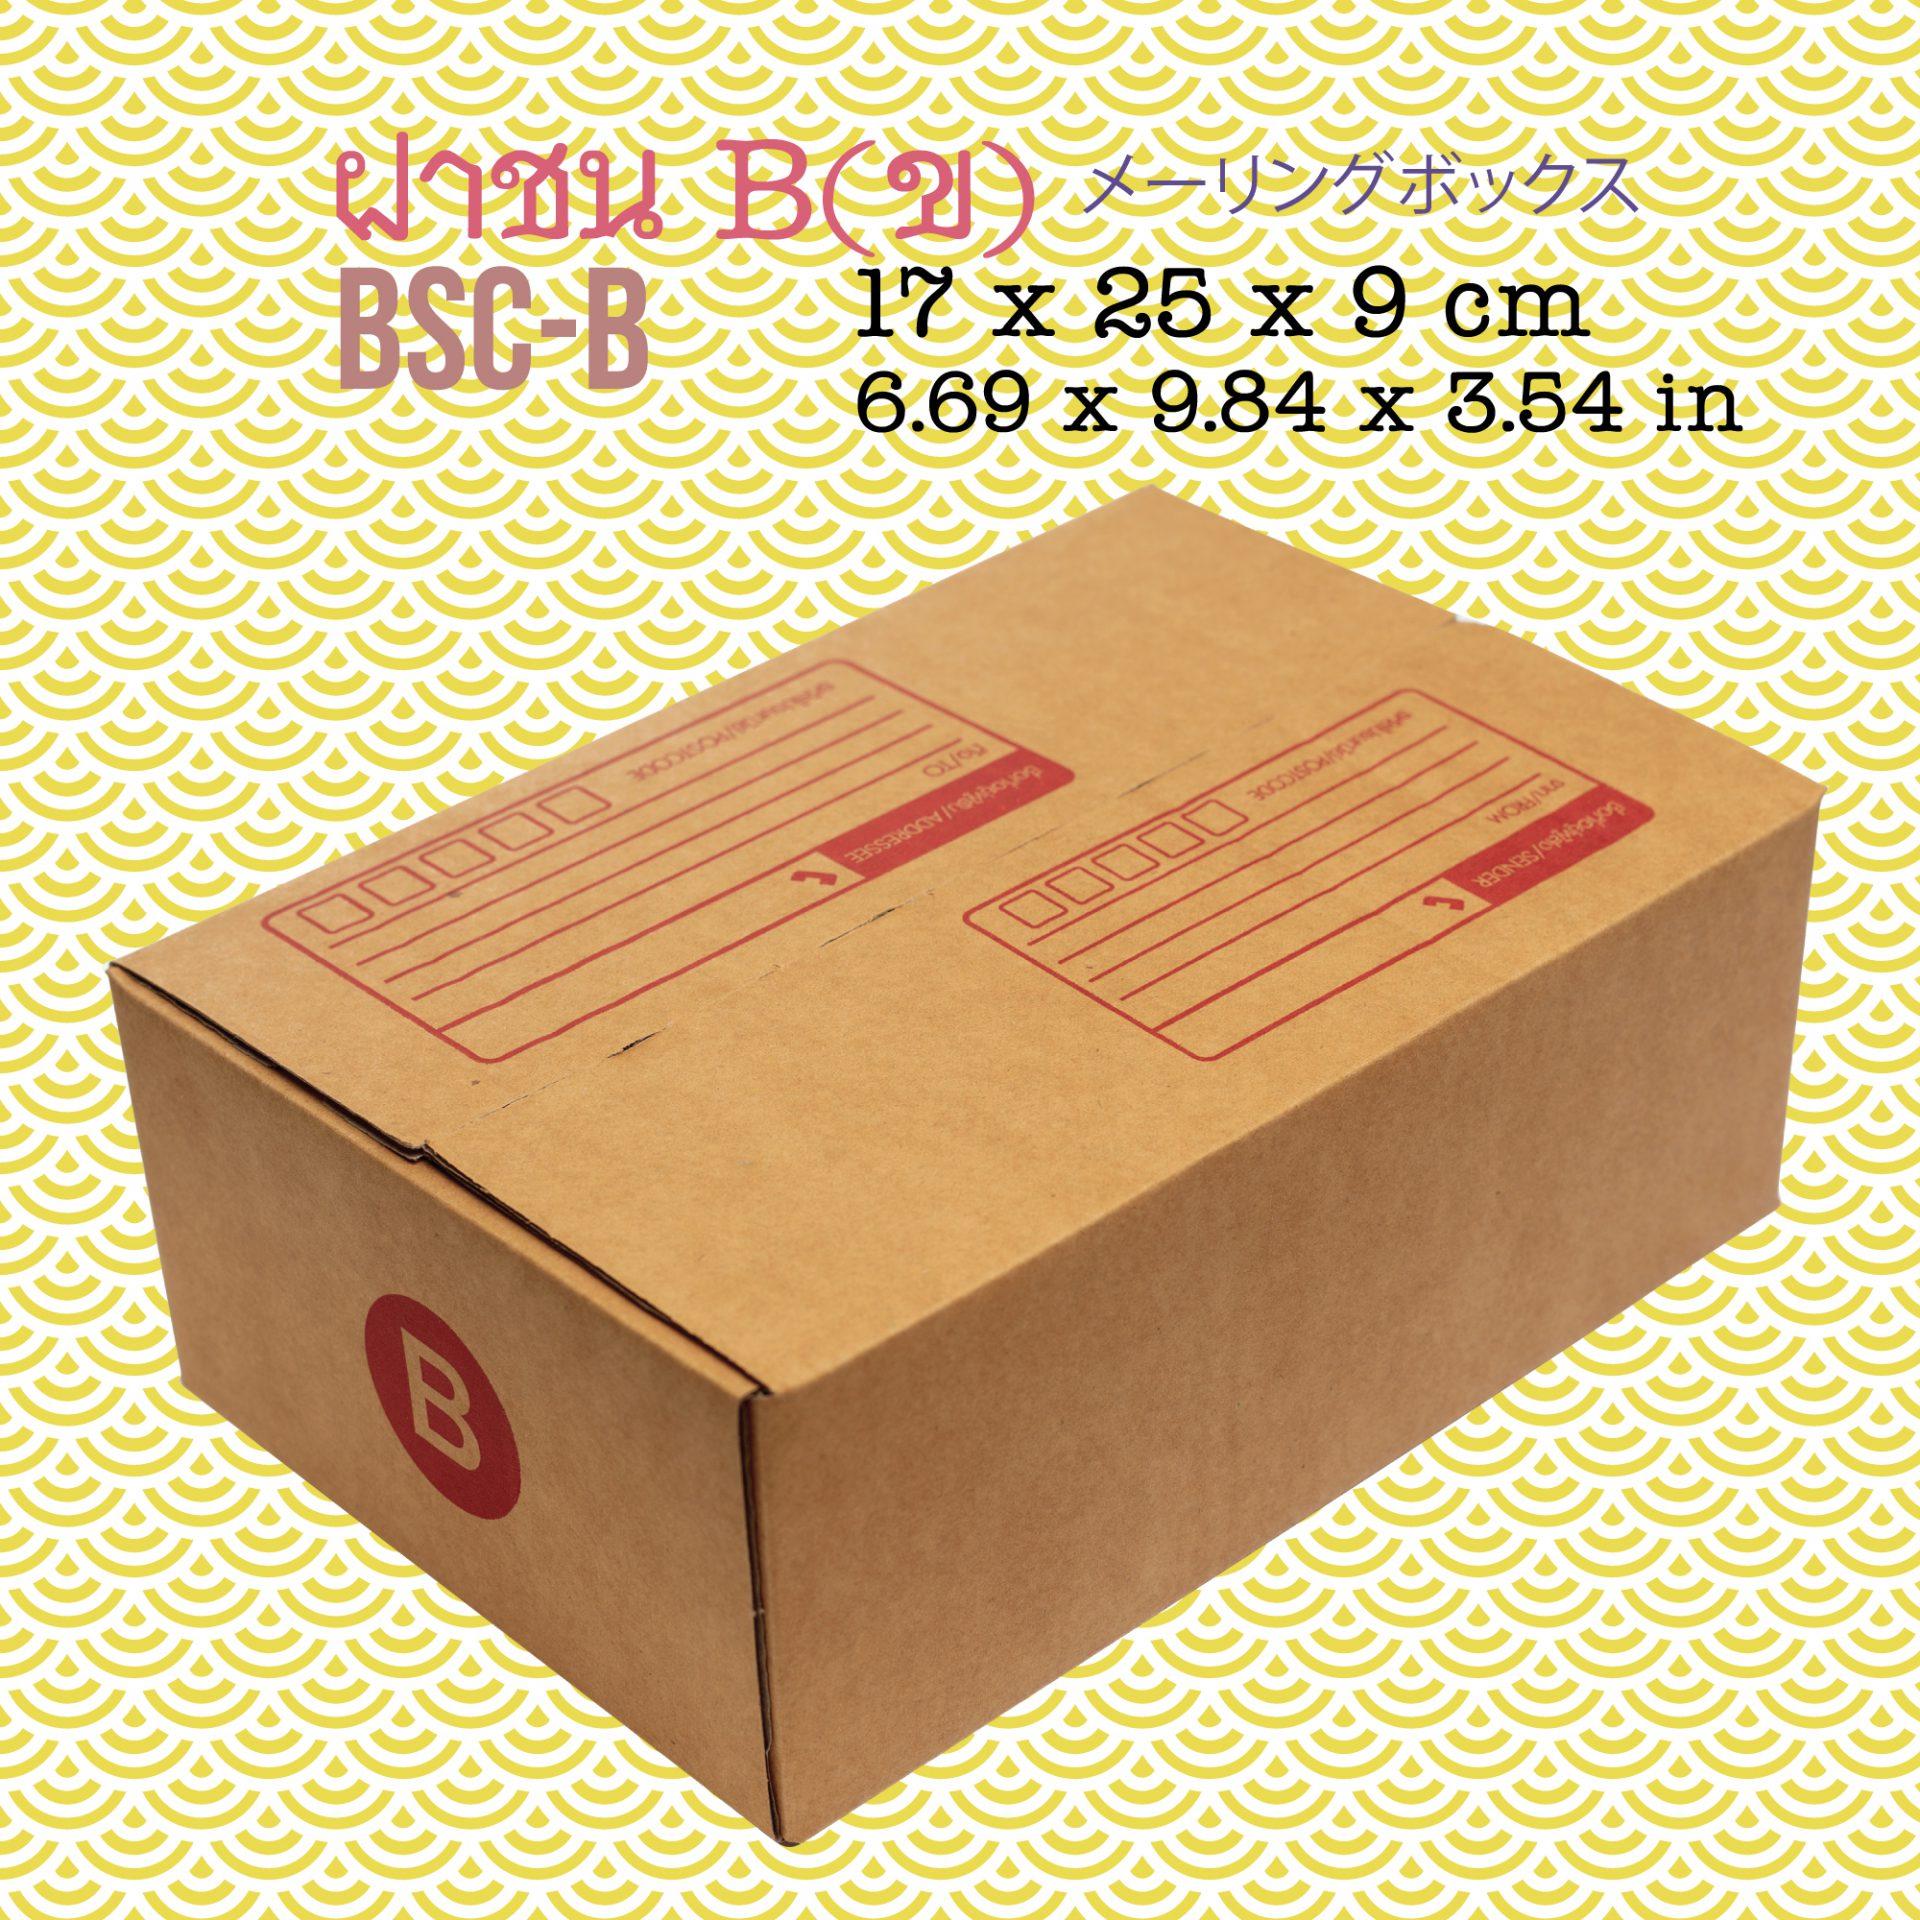 กล่องไปรษณีย์ ฝาชน B ( ข )